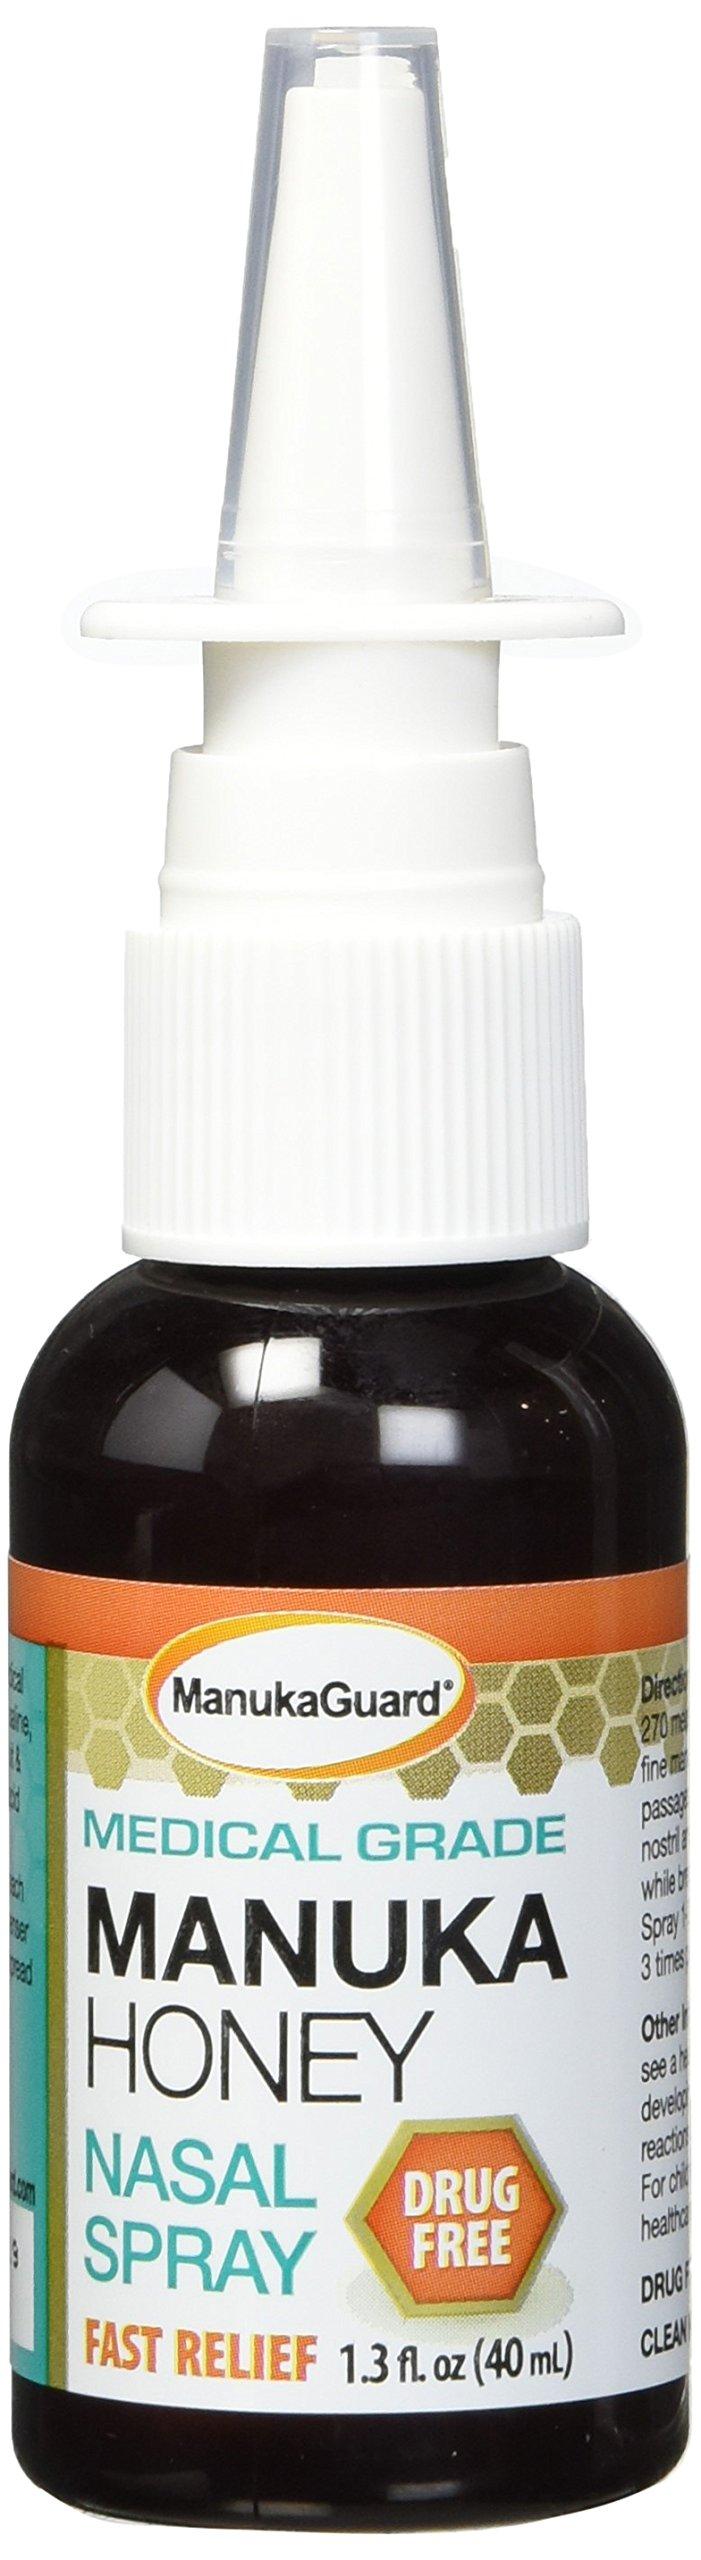 MANUKAGUARD Nasal Spray Medical Grade, 0.02 Pound